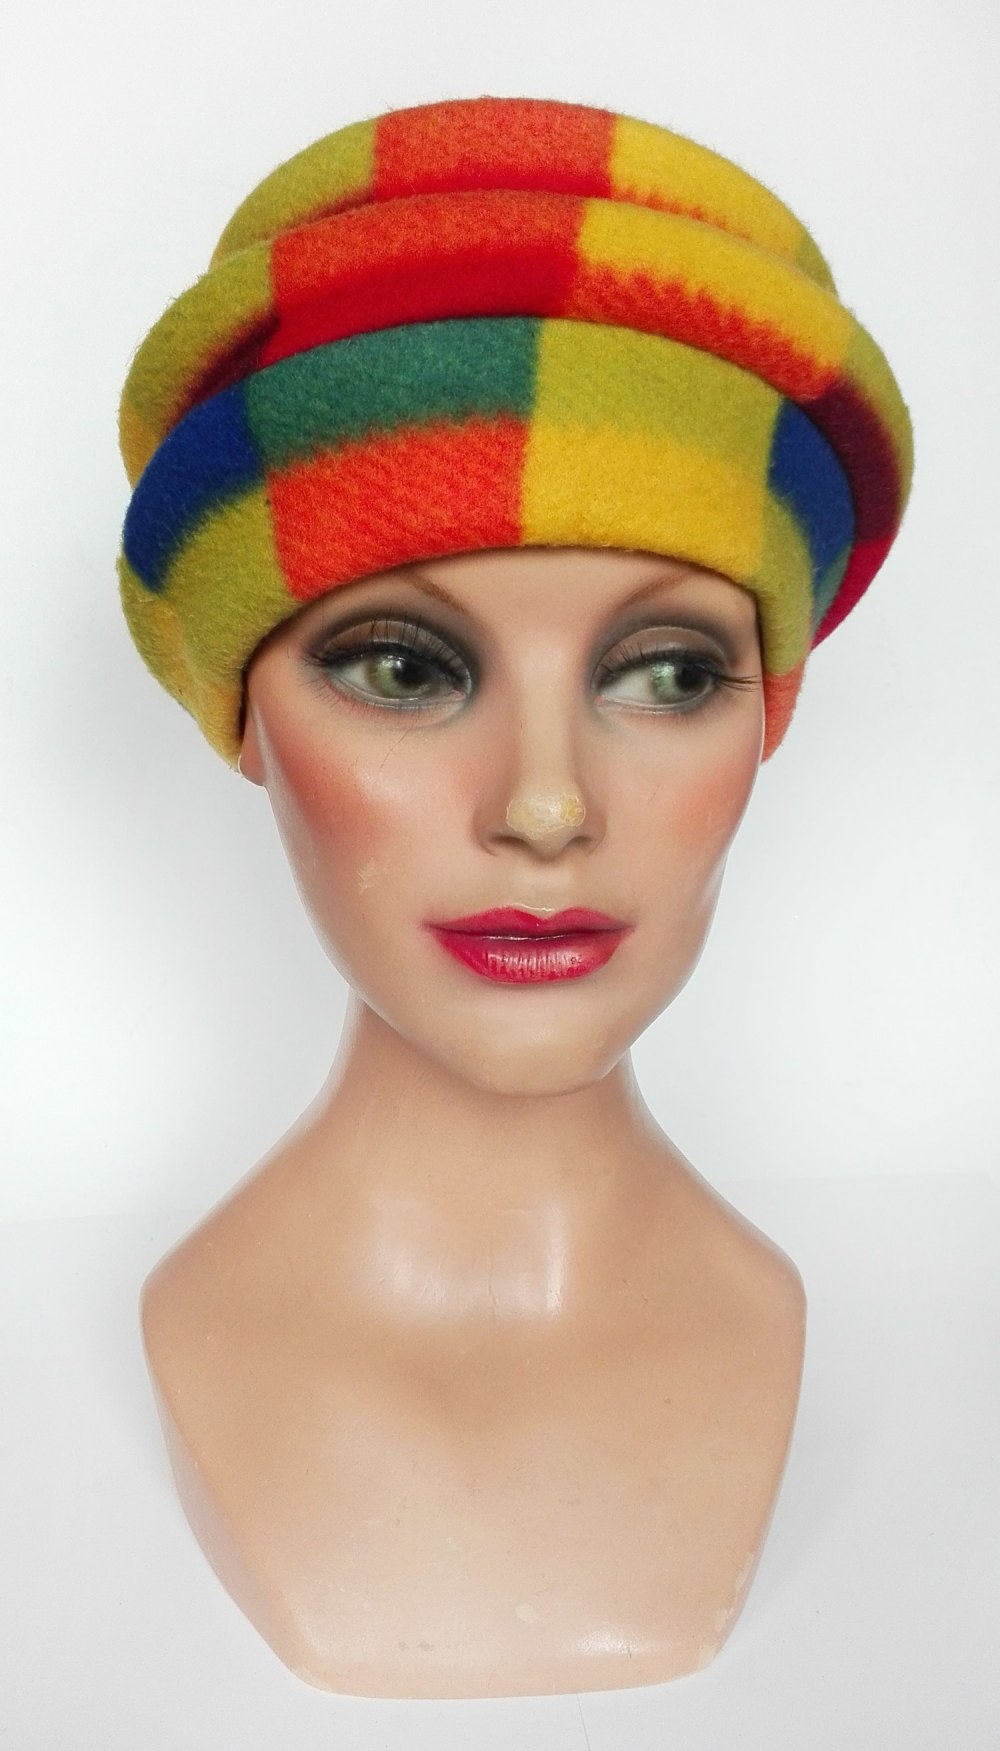 (vendu) Toque colorée femme hiver, chapeau polaire, bonnet multicolore, cadeau femme, chapeau mariage hiver